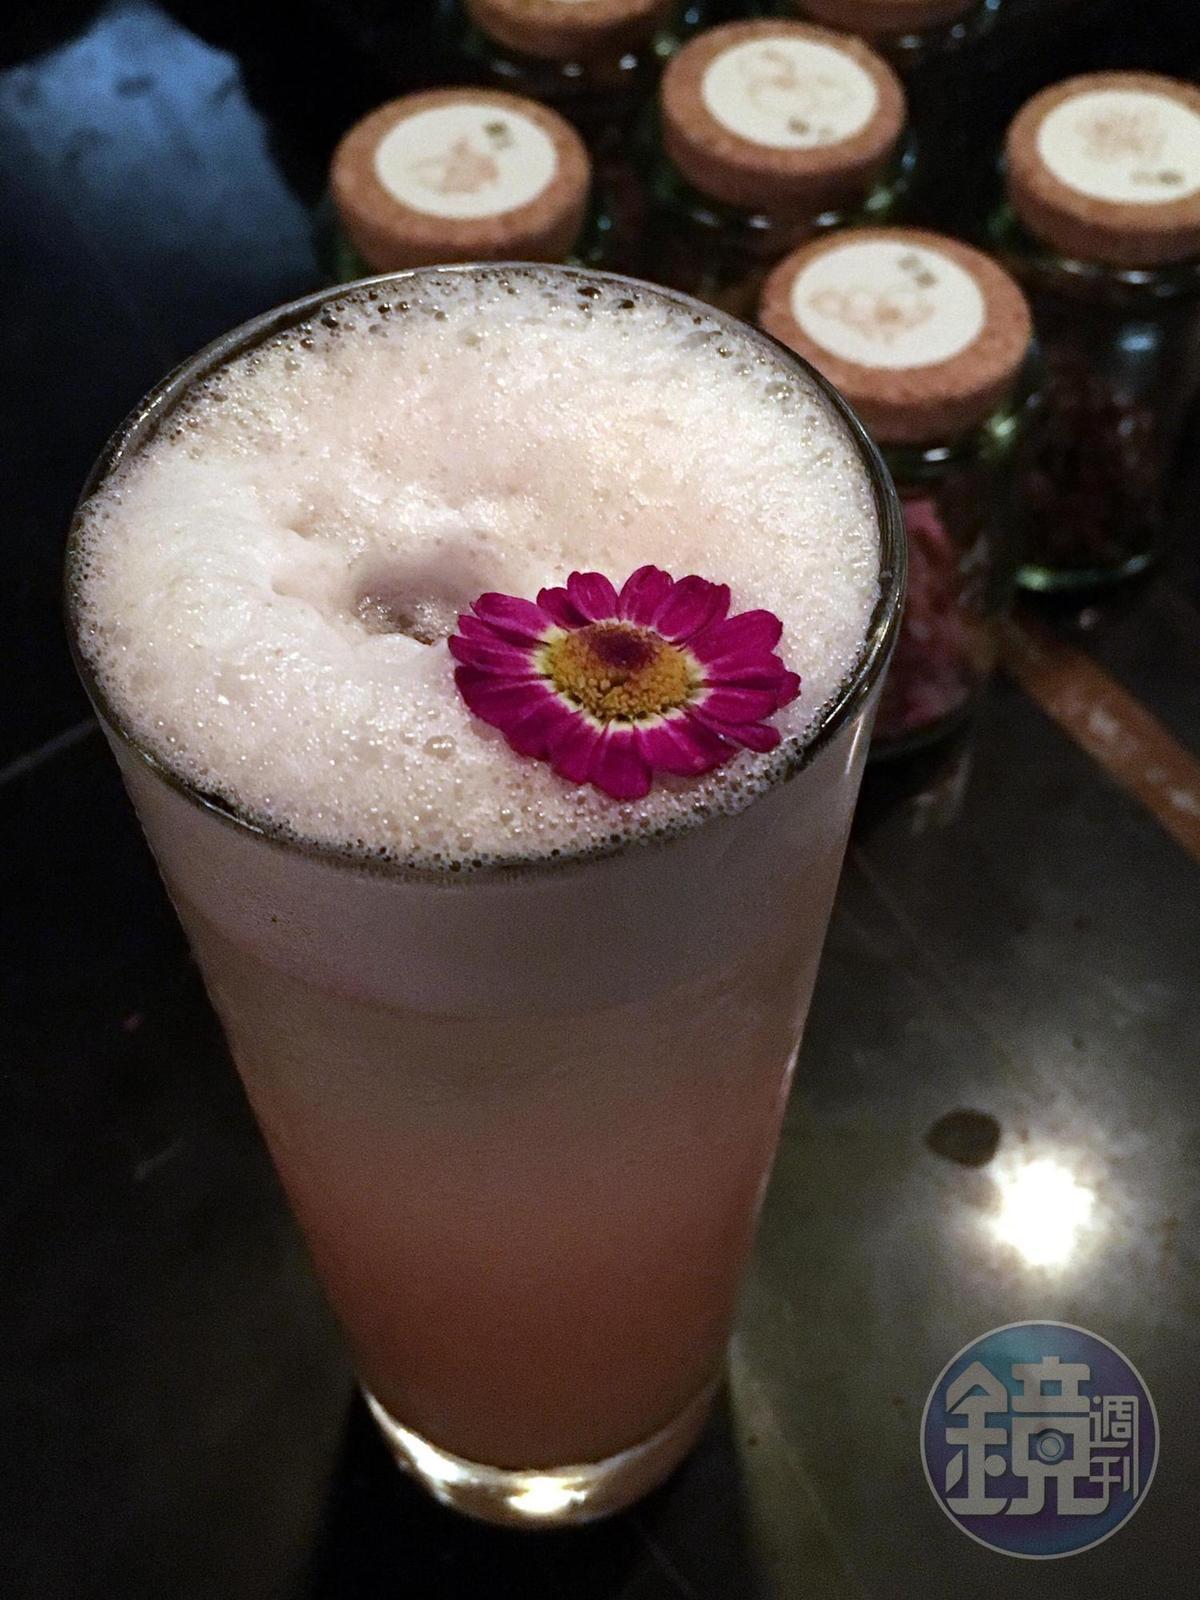 以新鮮果汁、自製檸檬香茅糖漿與六ROKU調成的「芸雪」,有蜜桃和玫瑰花香,以及用蛋白製造的滑順口感。(400元/杯,Closet Restaurant & Bar提供)